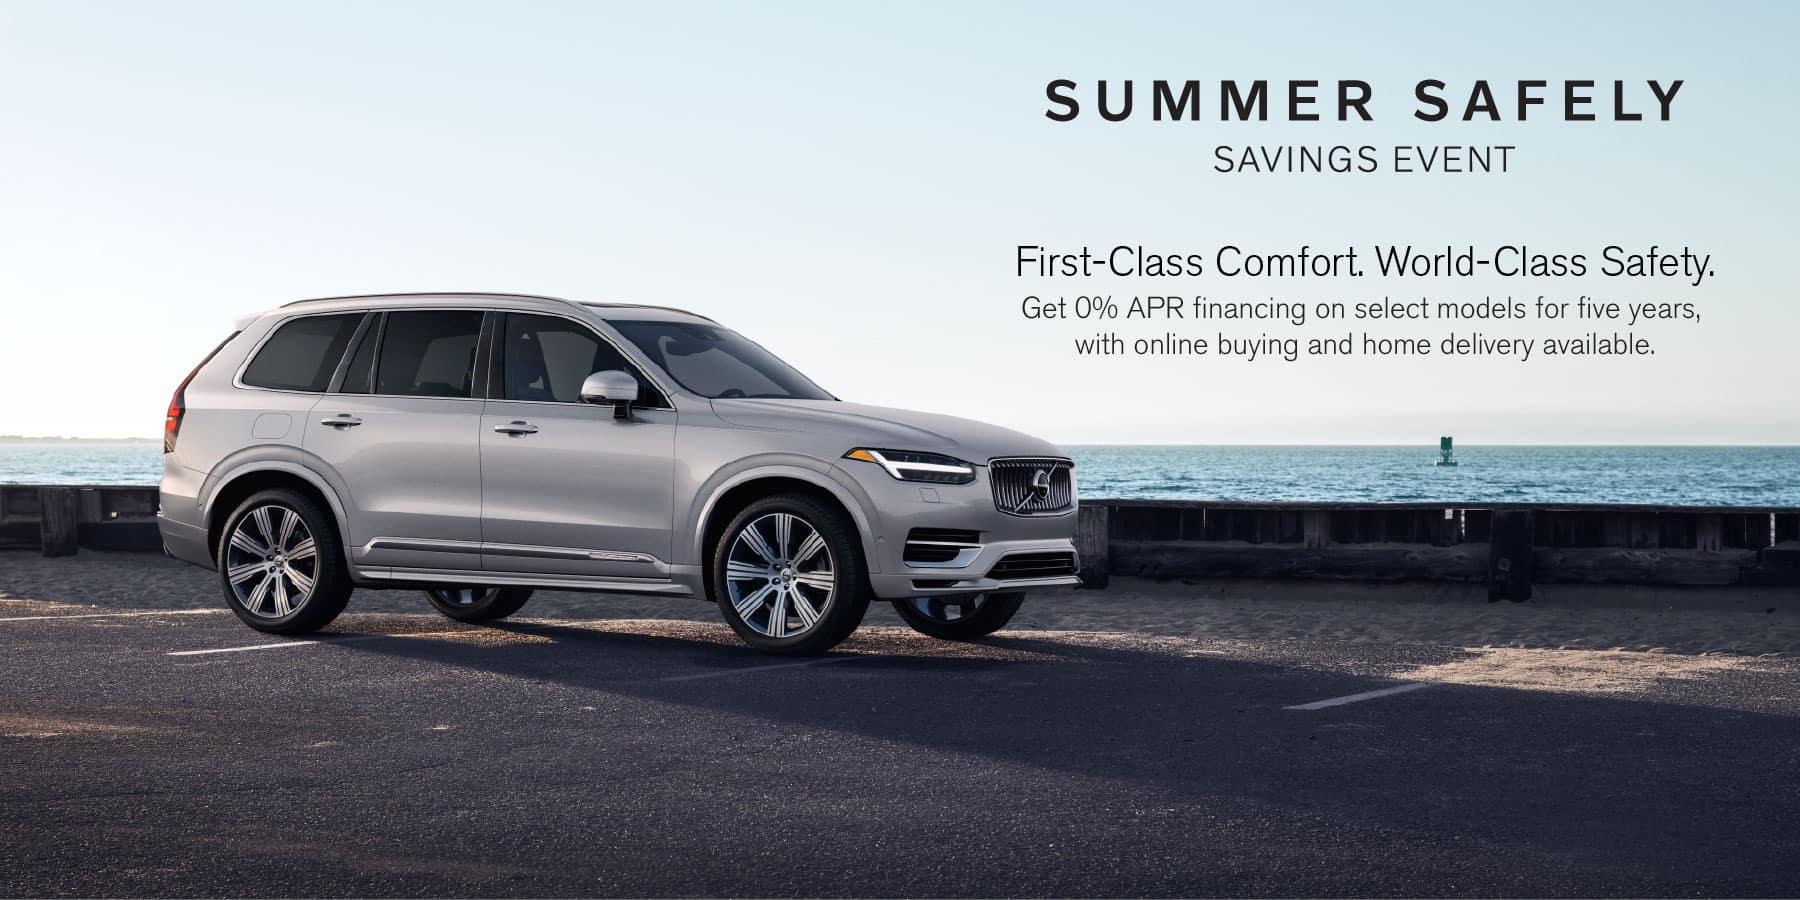 Autobahn Volvo Fort Worth | Summer Safely Sales Event